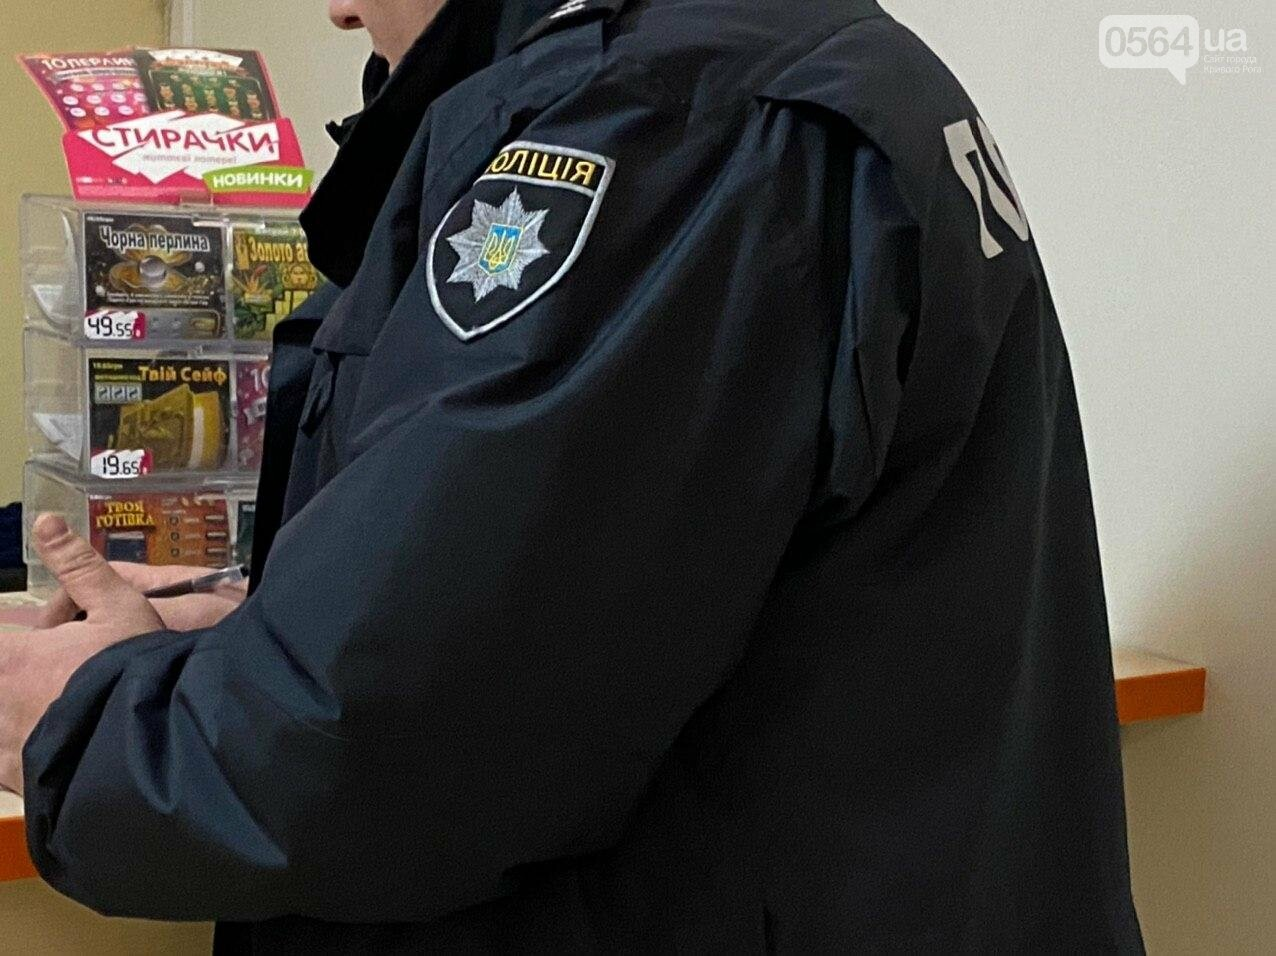 Криворожане заявили в полицию о функционировании незаконного игорного бизнеса. Идет проверка, - ФОТО , фото-8